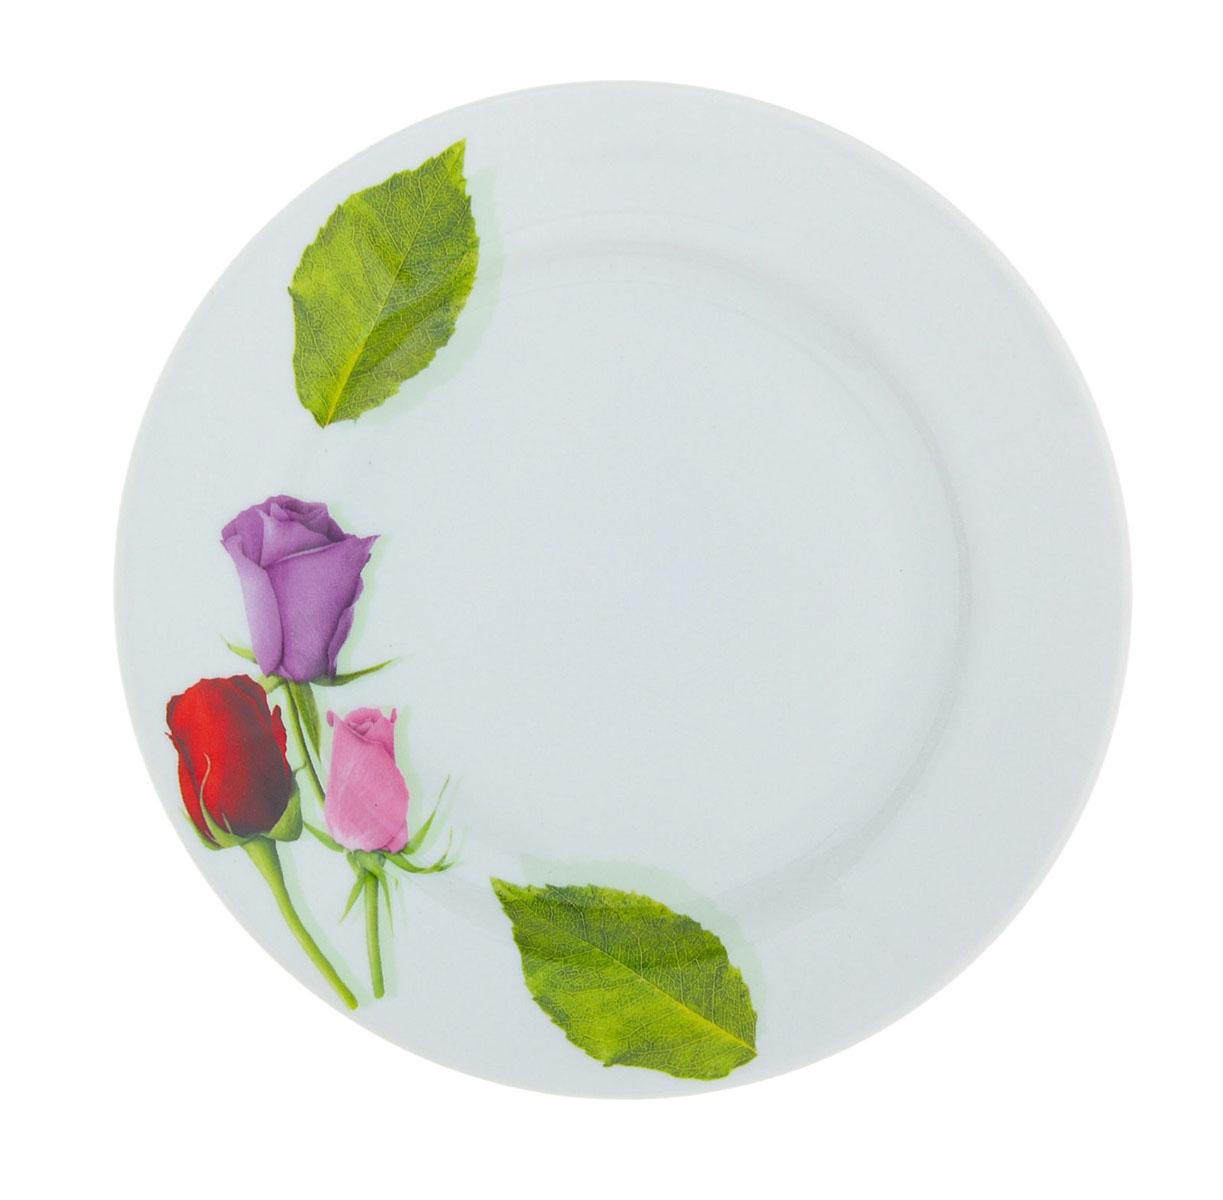 Тарелка мелкая Идиллия. Королева цветов, диаметр 20 см пиала добрушский фарфоровый завод королева цветов 500 мл